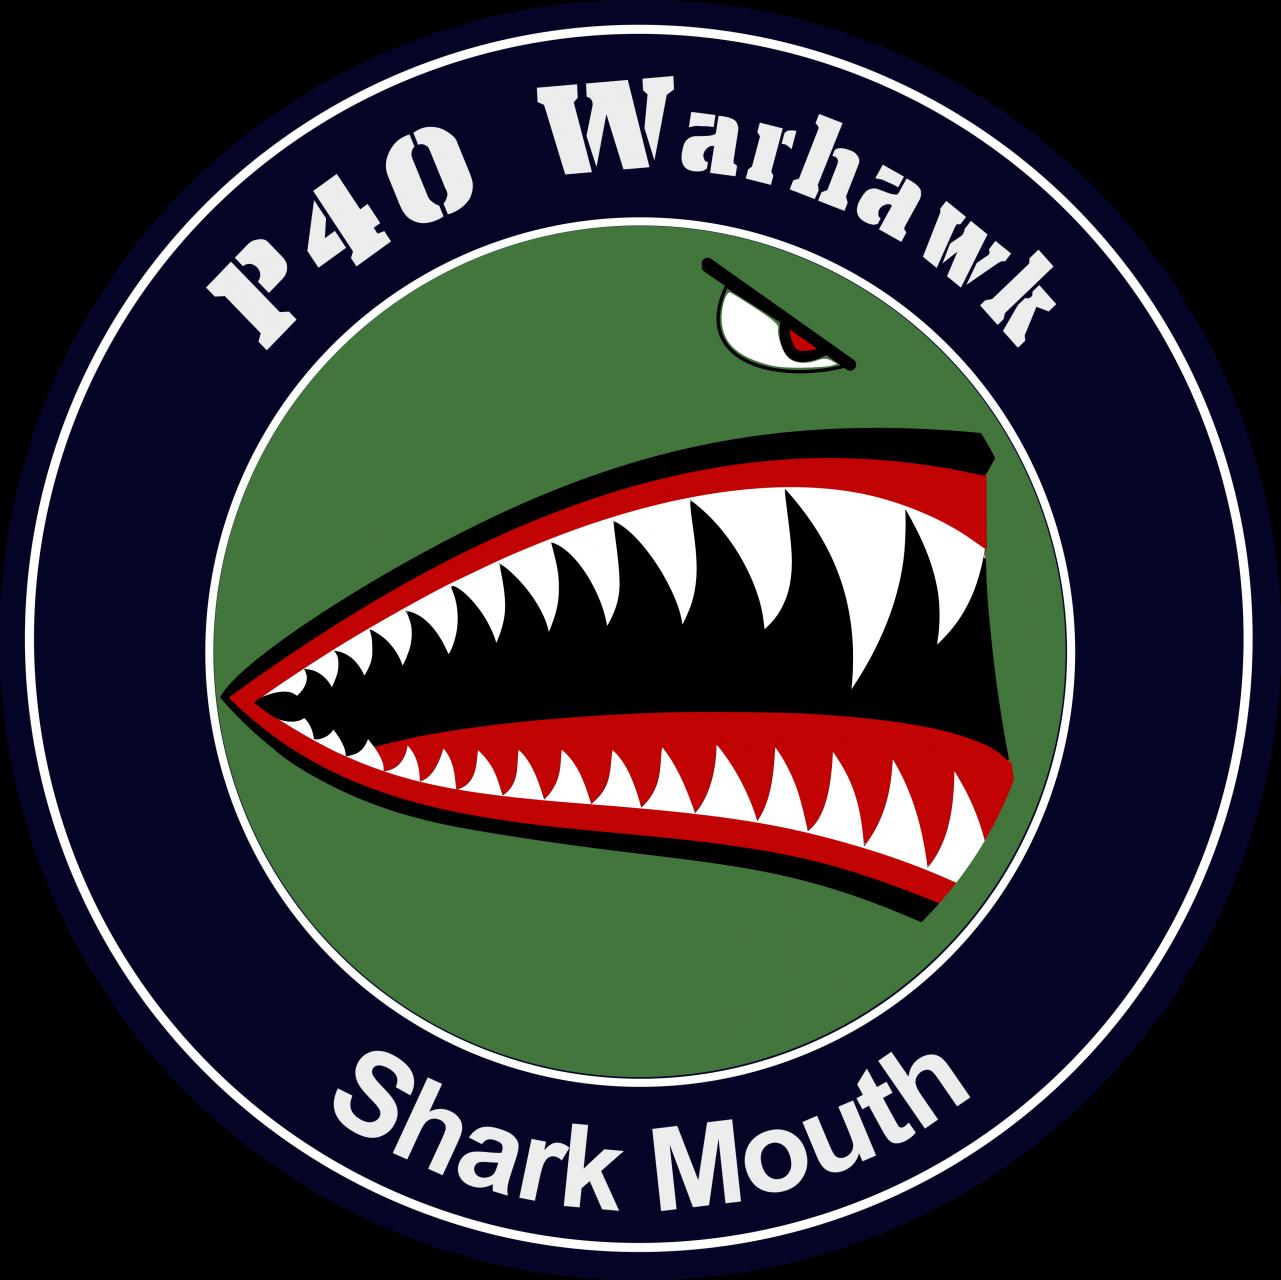 P40 Warhawk Shark Mouth